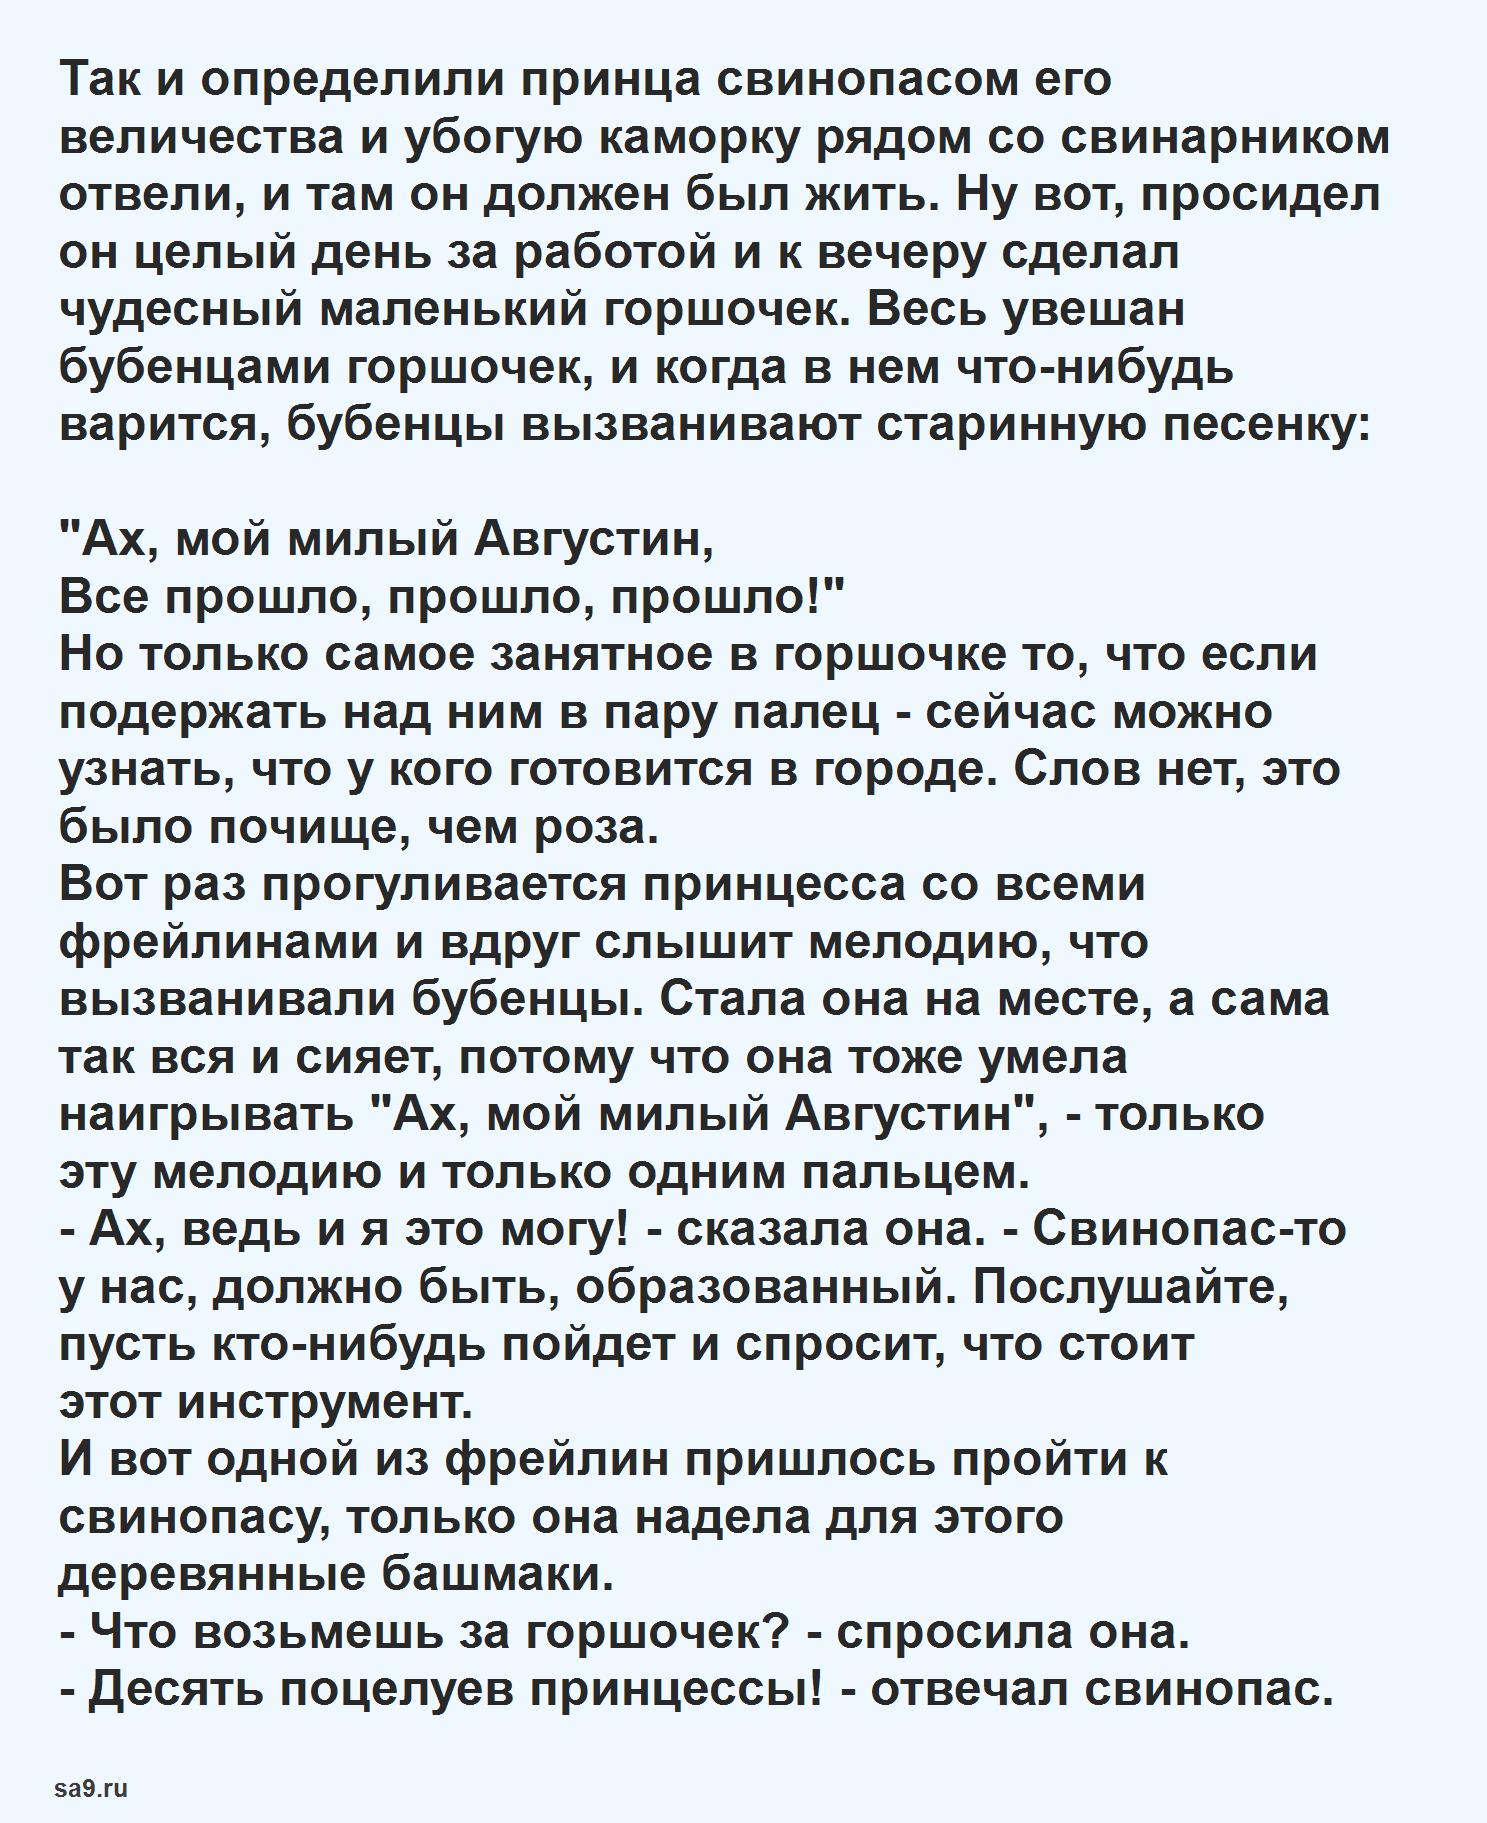 Читать интересную сказку - Свинопас, Андерсен